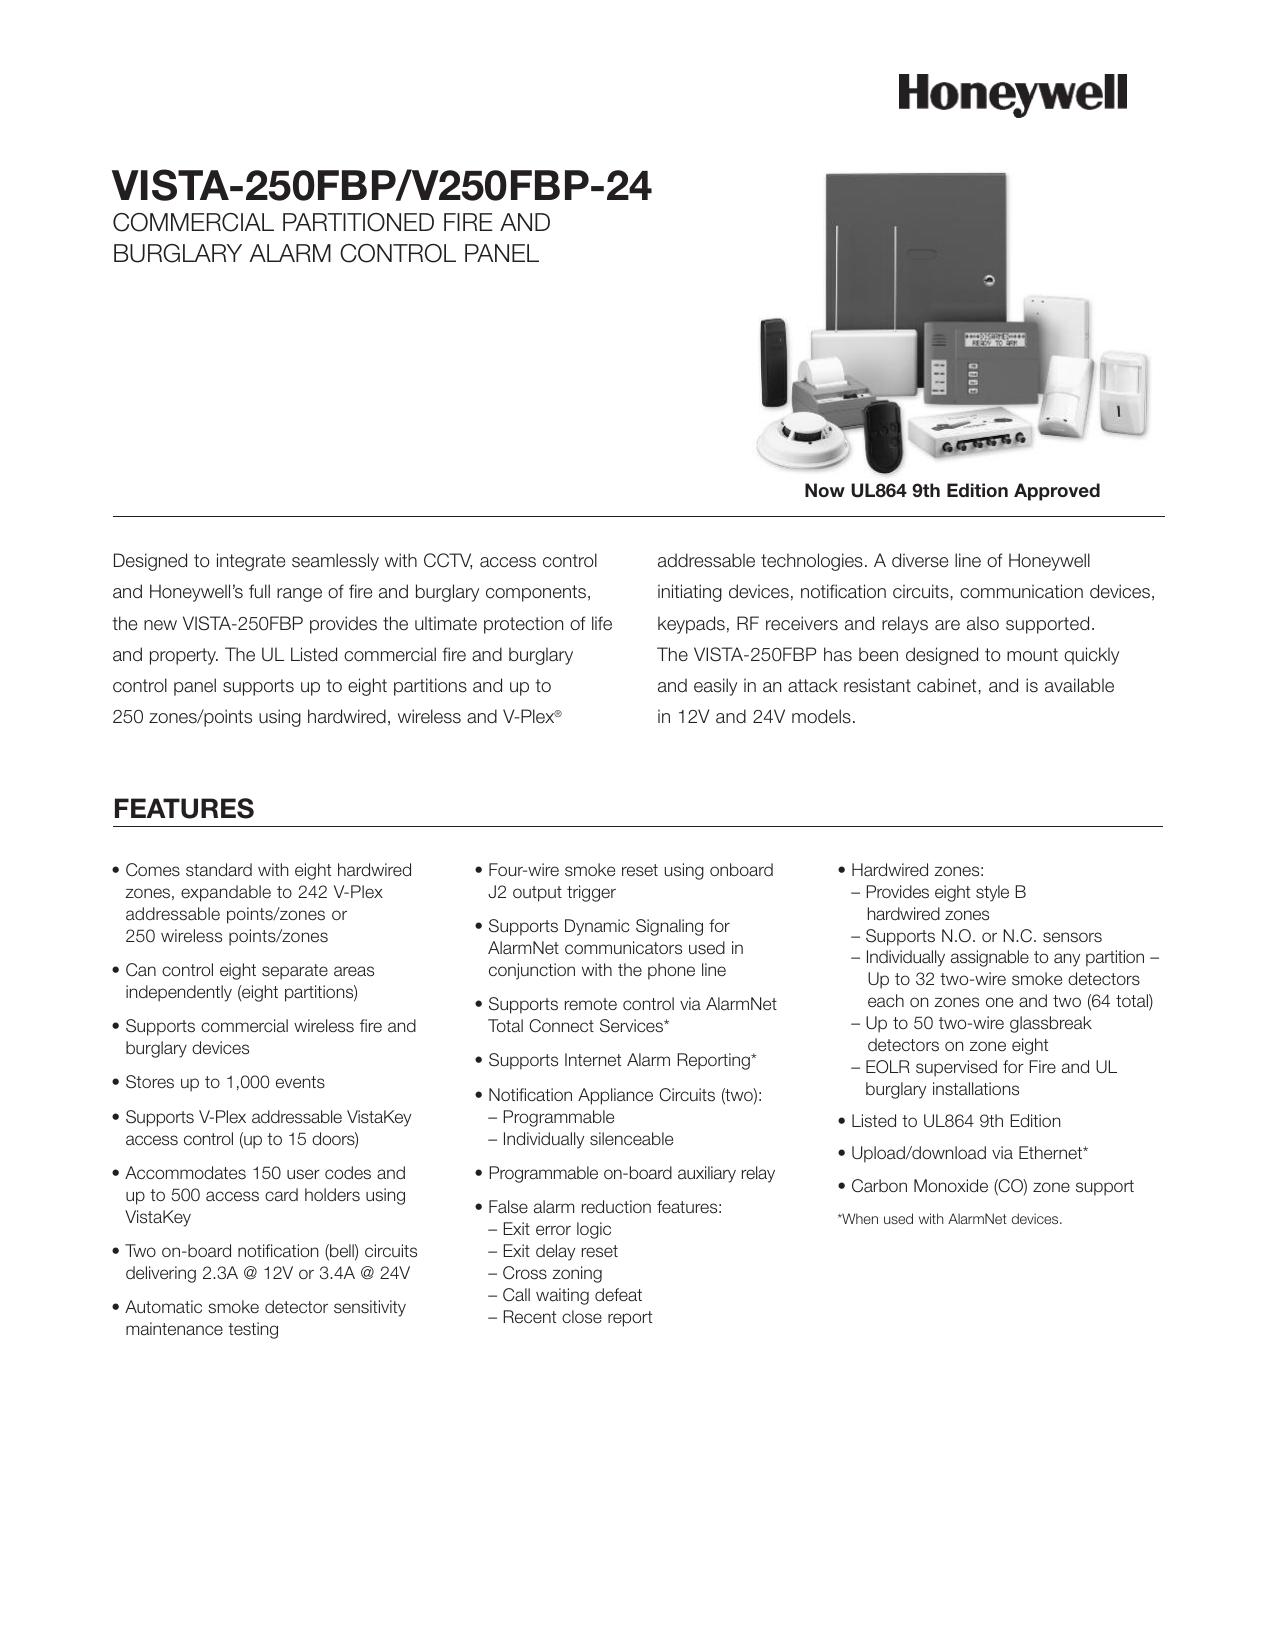 VISTA-250FBP Data Sheet | manualzz com